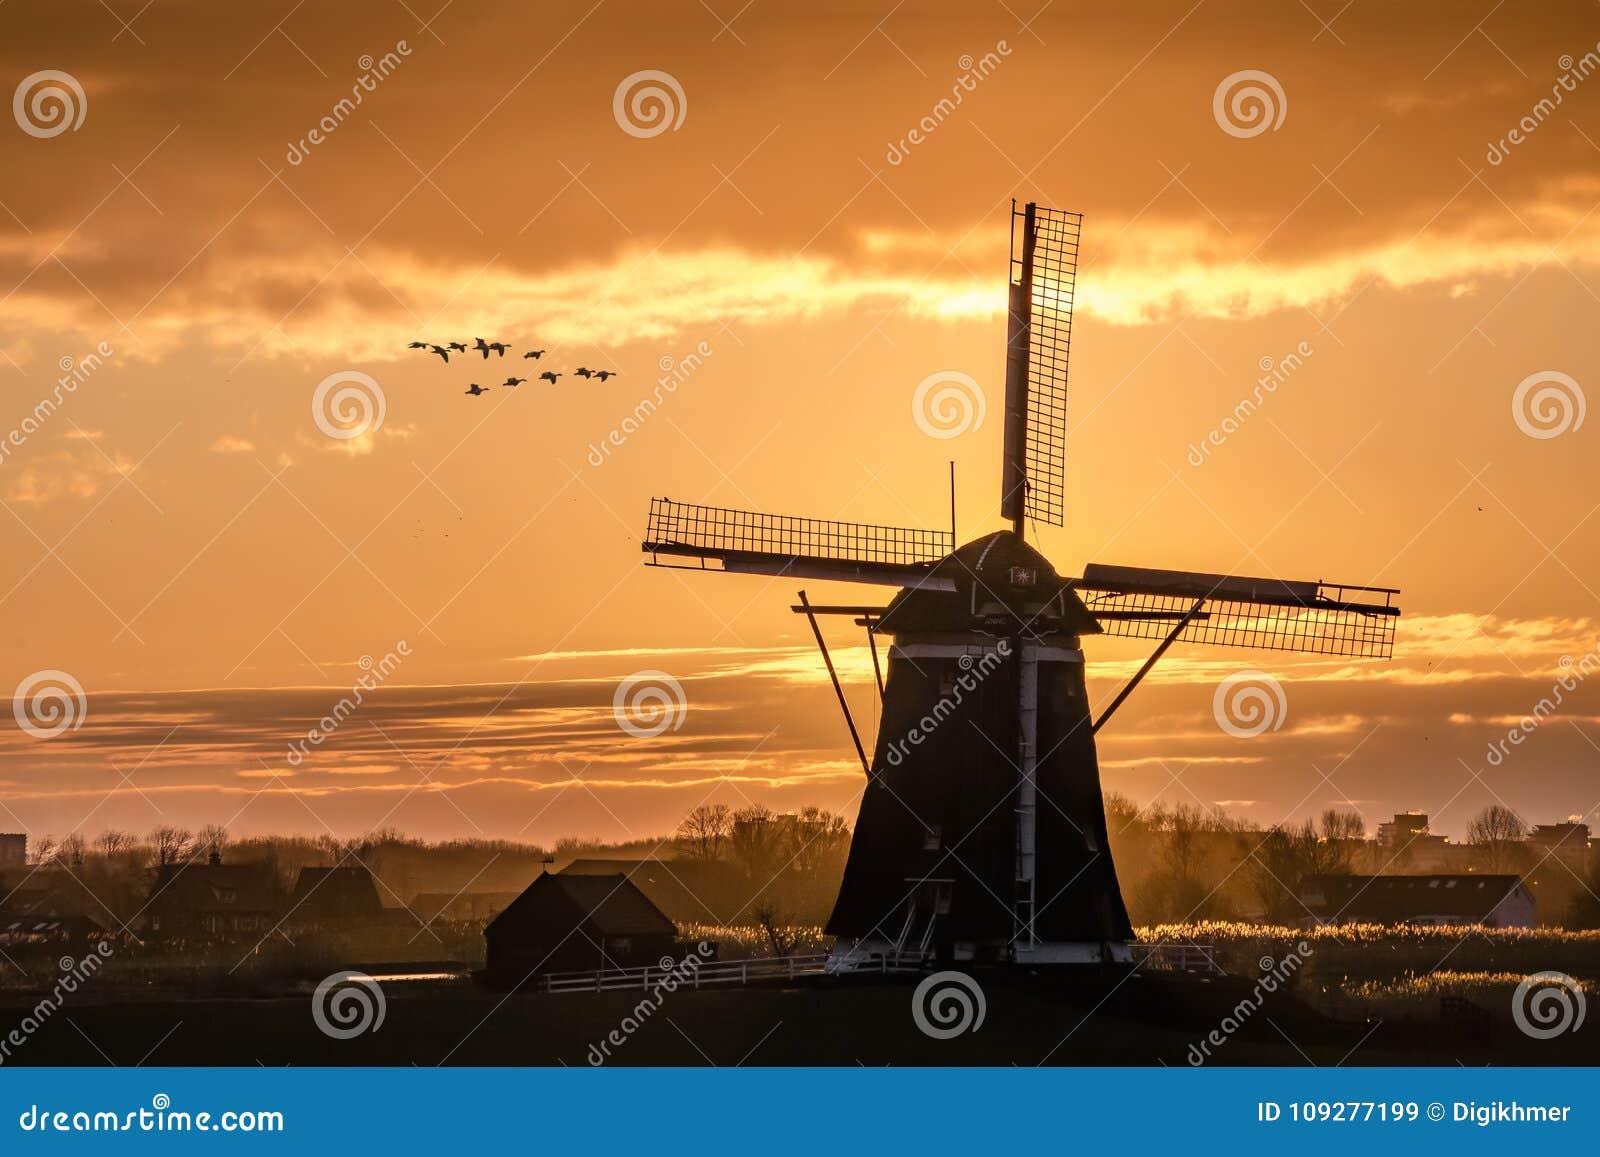 Gänse, die gegen den Sonnenuntergang auf der niederländischen Windmühle fliegen